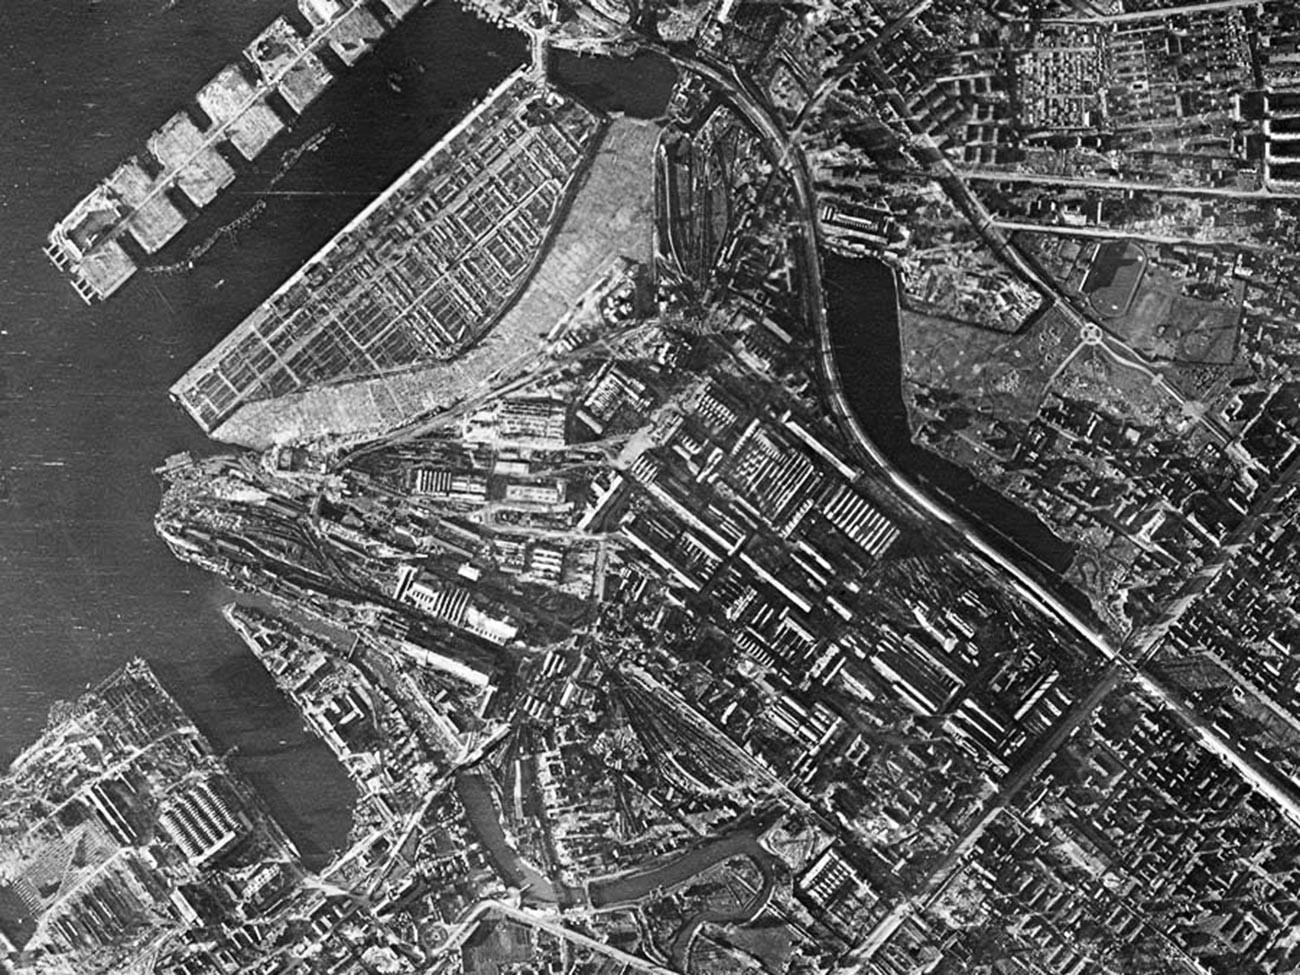 Fábrica y puerto de Kírov camuflados.